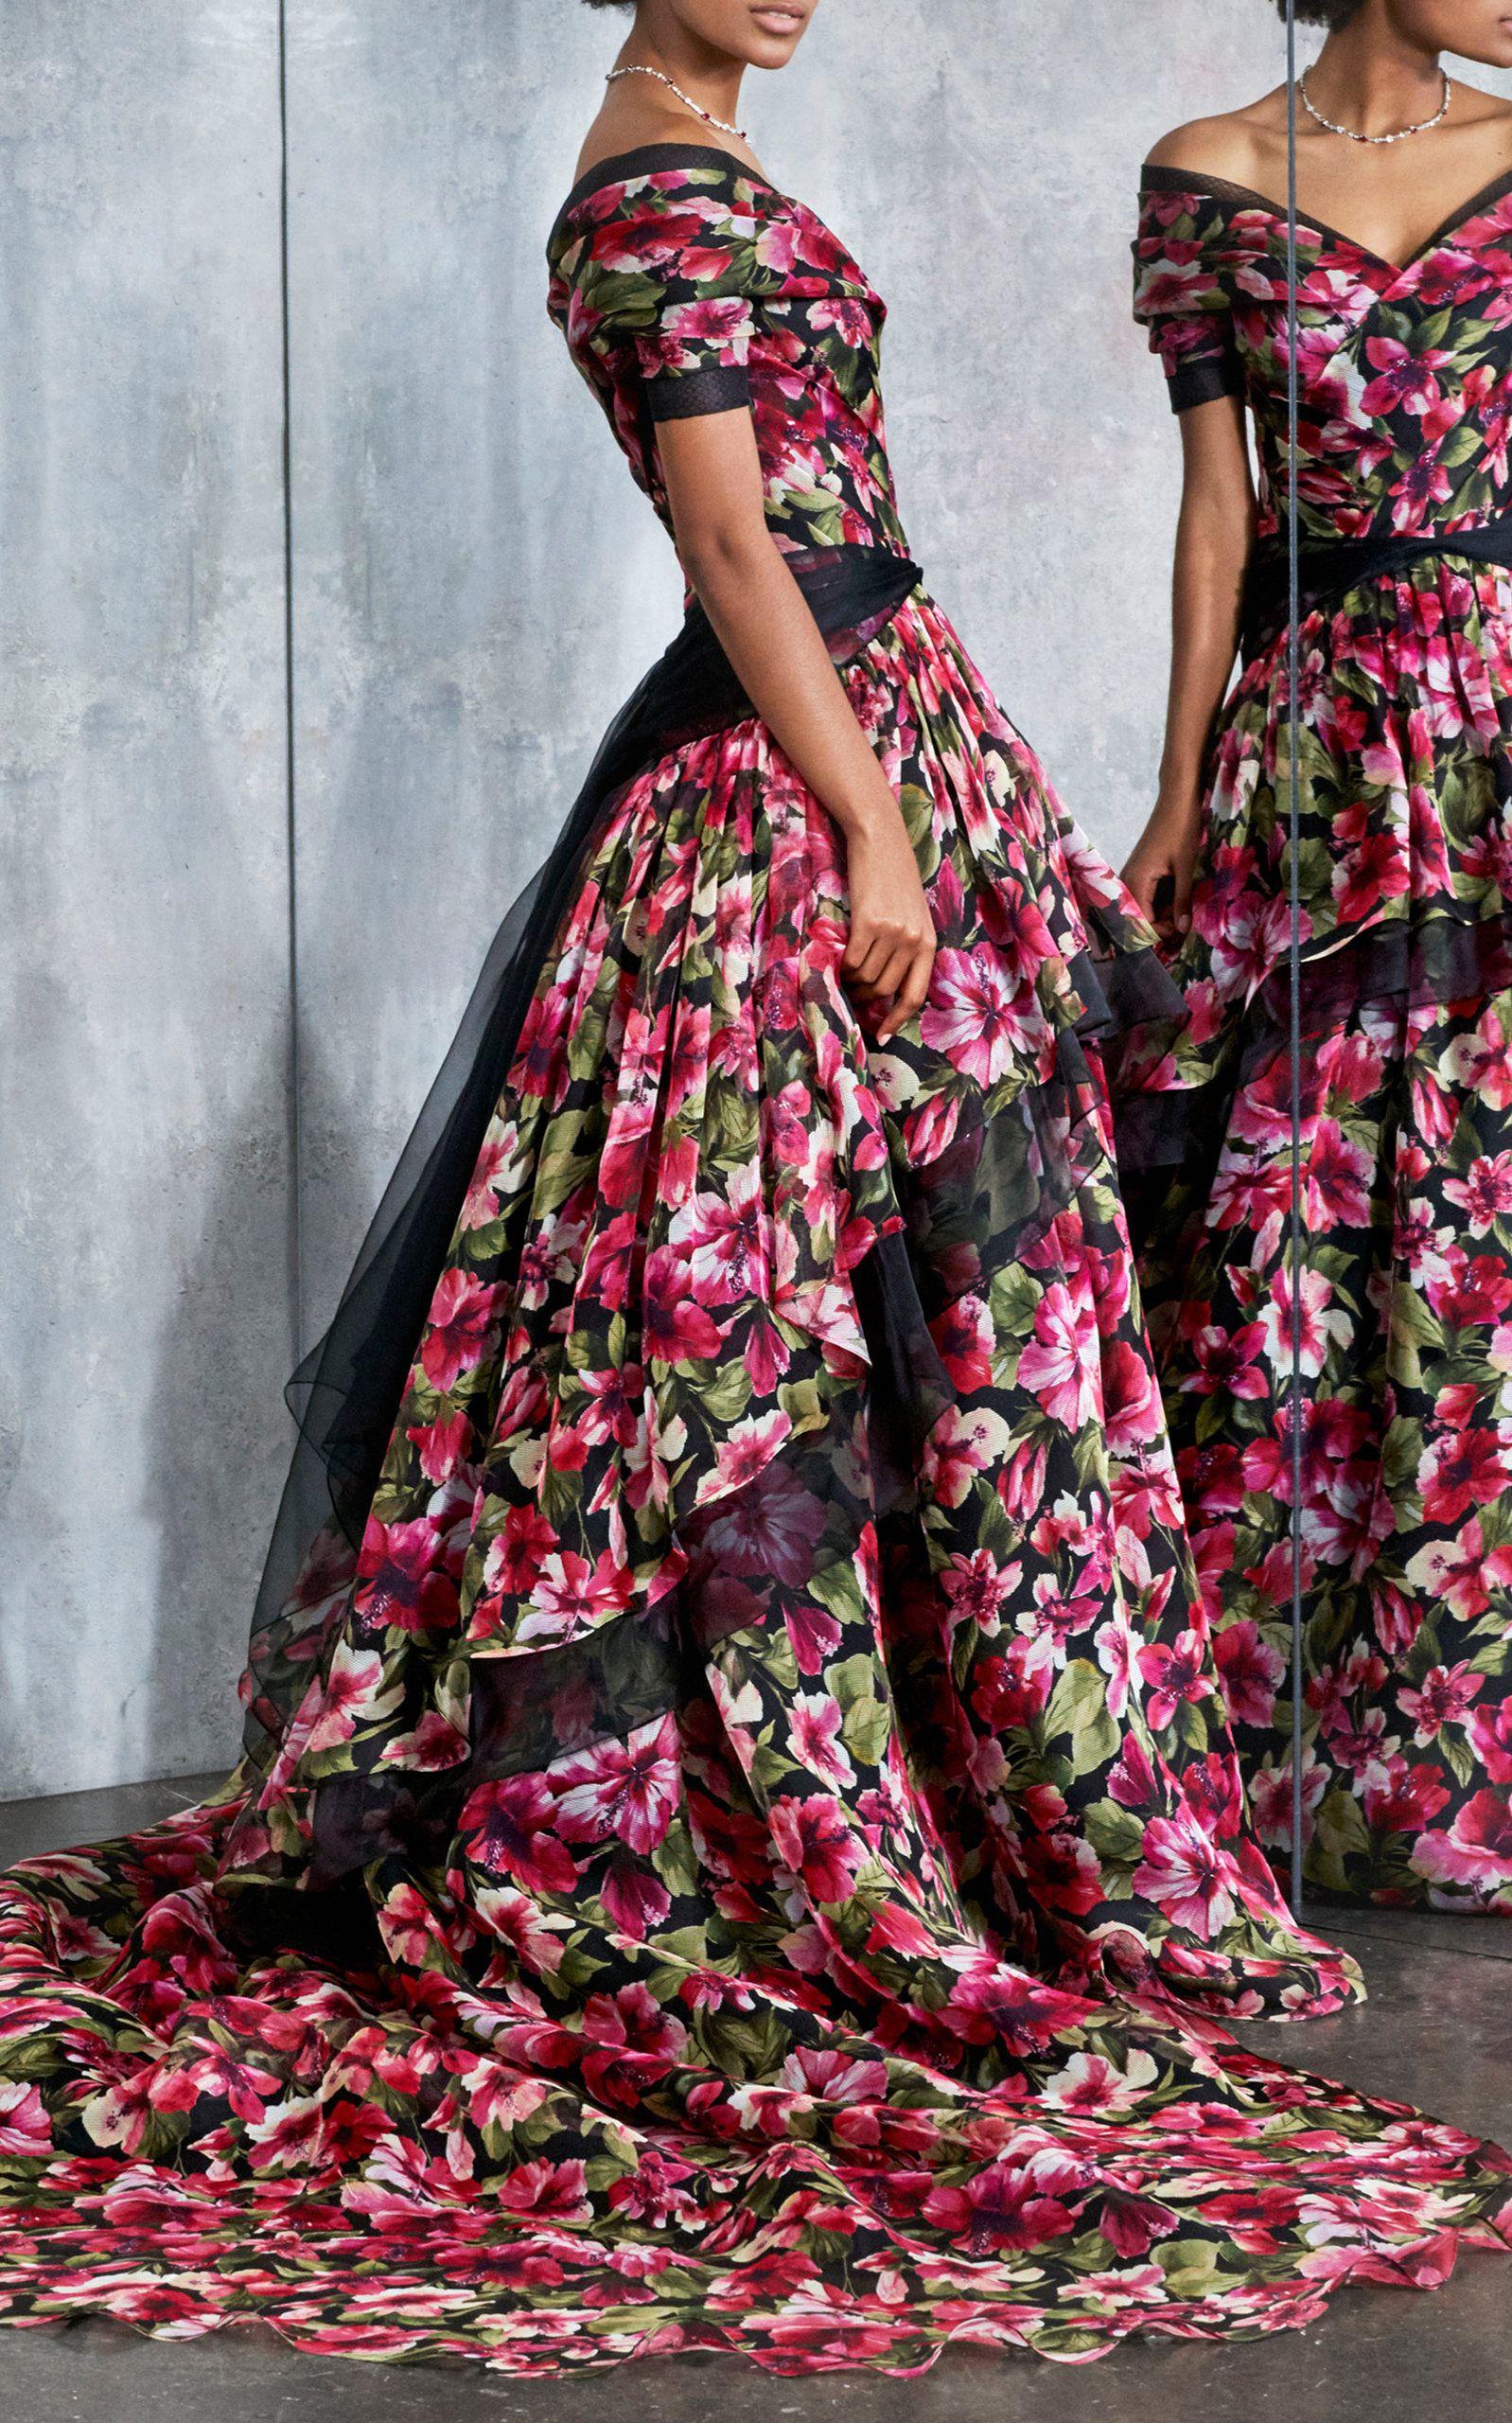 de de seda tono Pamella gran en un de de increíble El GabrielleEl de estampado de de traje gala con organza exuberante floral malla rosado Roland armario fantasía 4PUqn4T